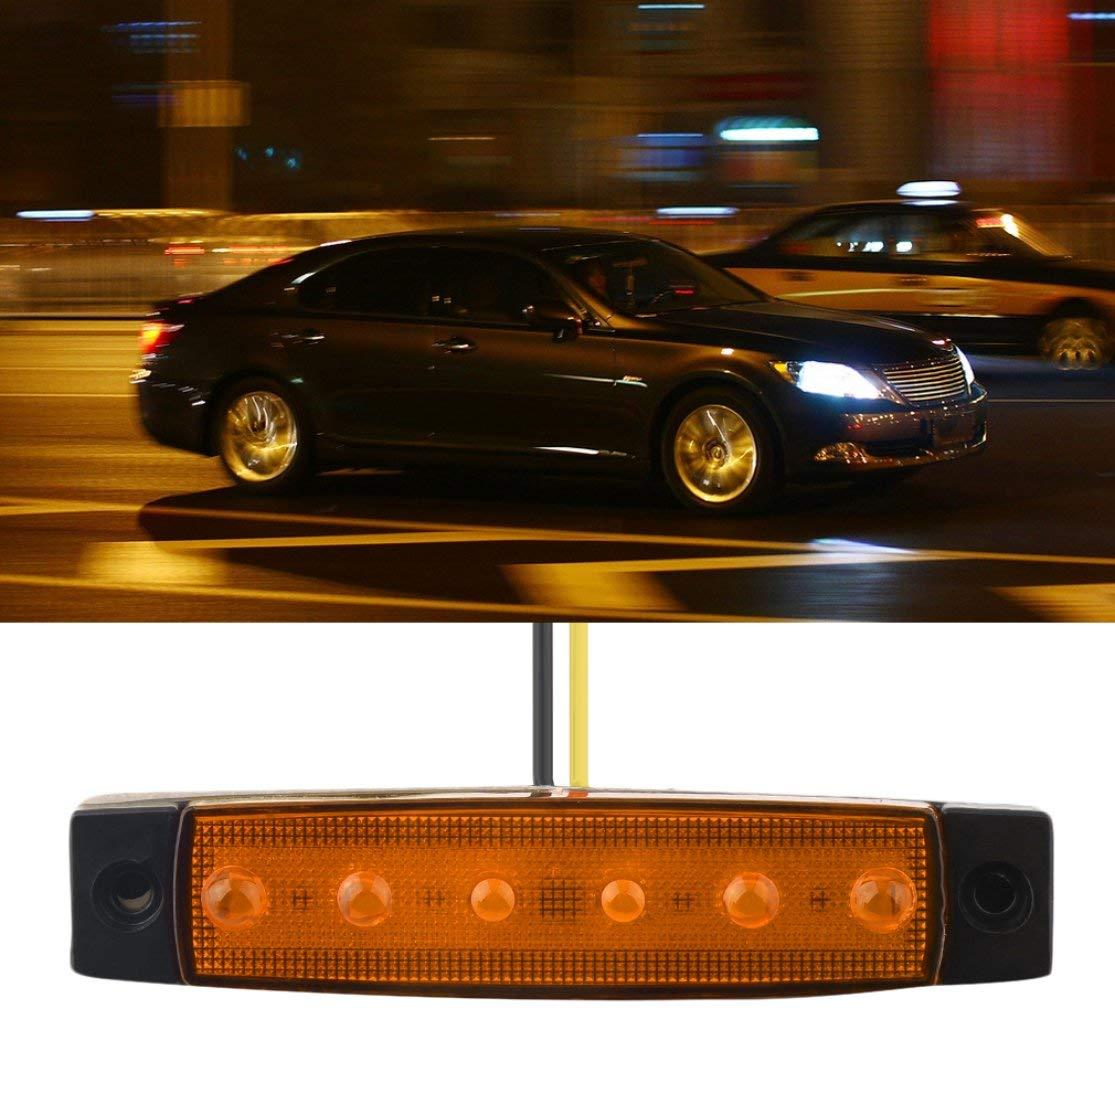 LouiseEvel215 12V 6 LED Remolque Cami/ón Despeje Marcador Lateral Sumergible Ancho de luz L/ámpara Veh/ículo Indicador Externo Universal Luz de Advertencia